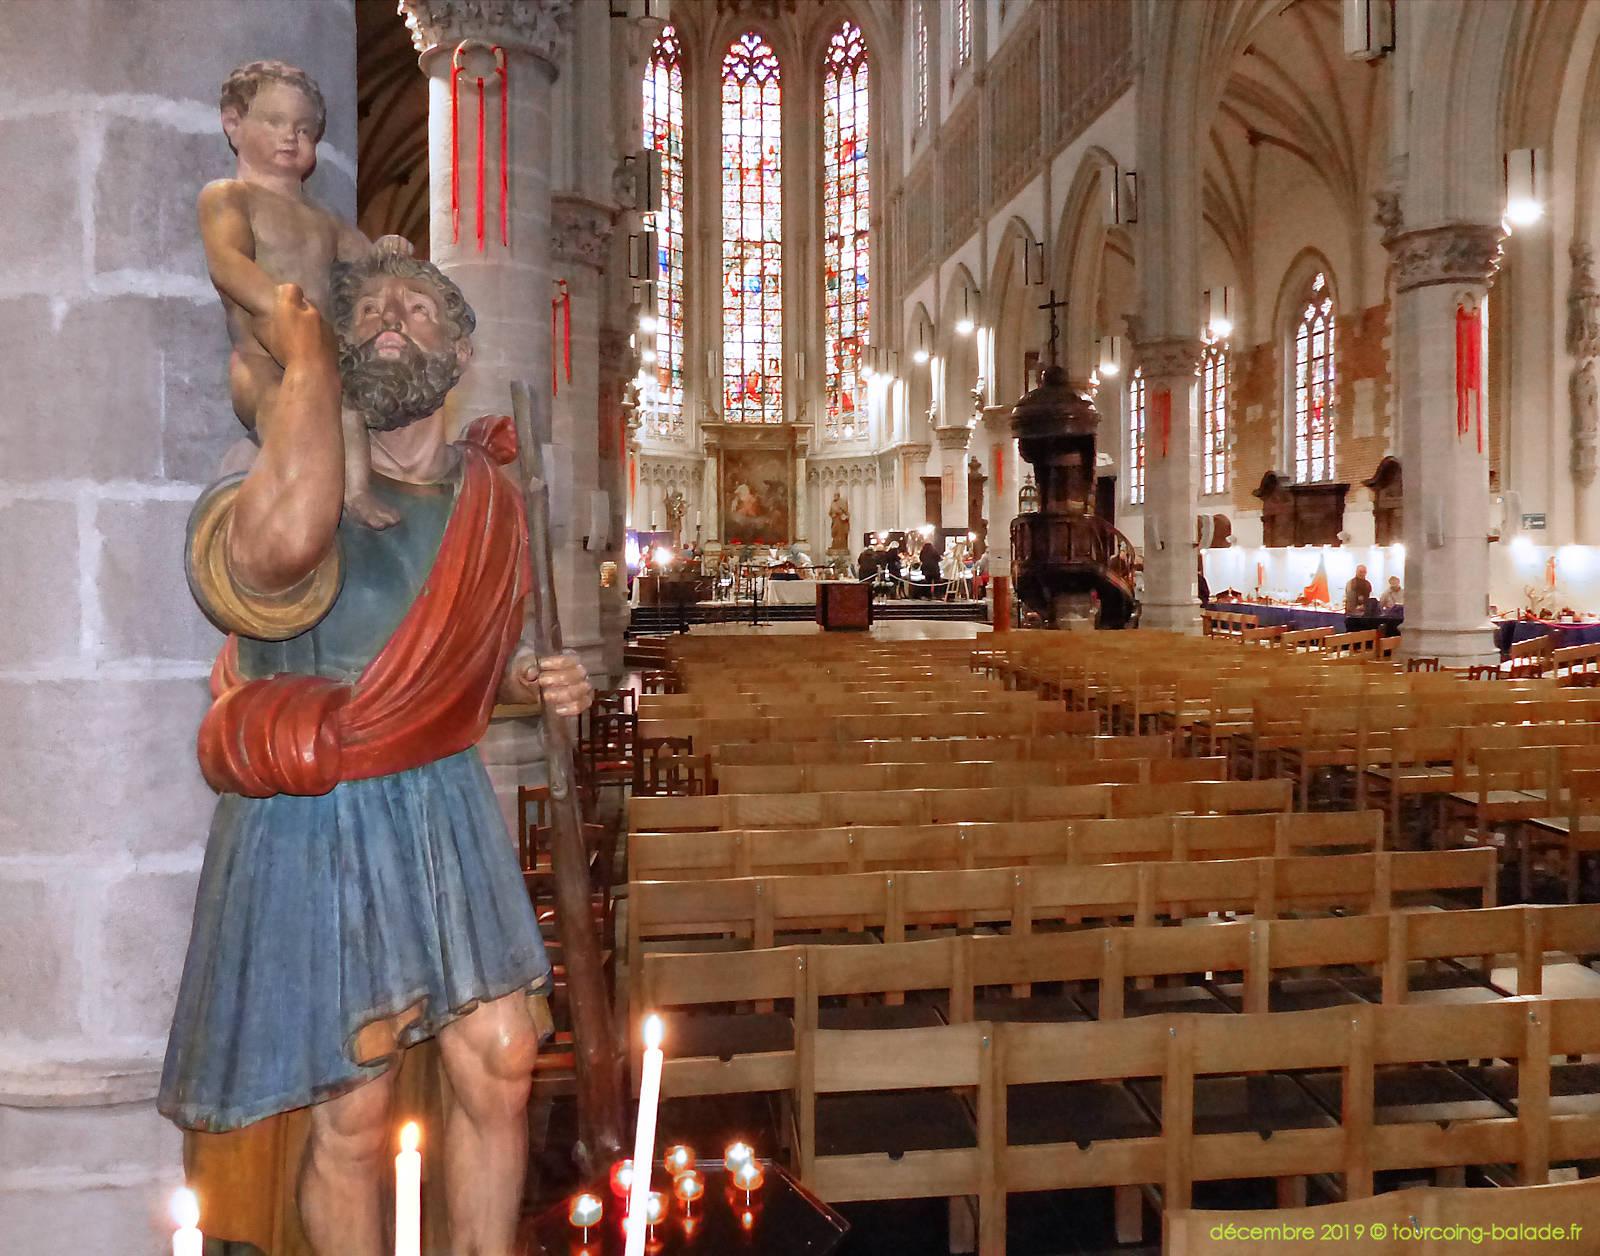 Christophe et Nef Église St Christophe, Tourcoing 2019